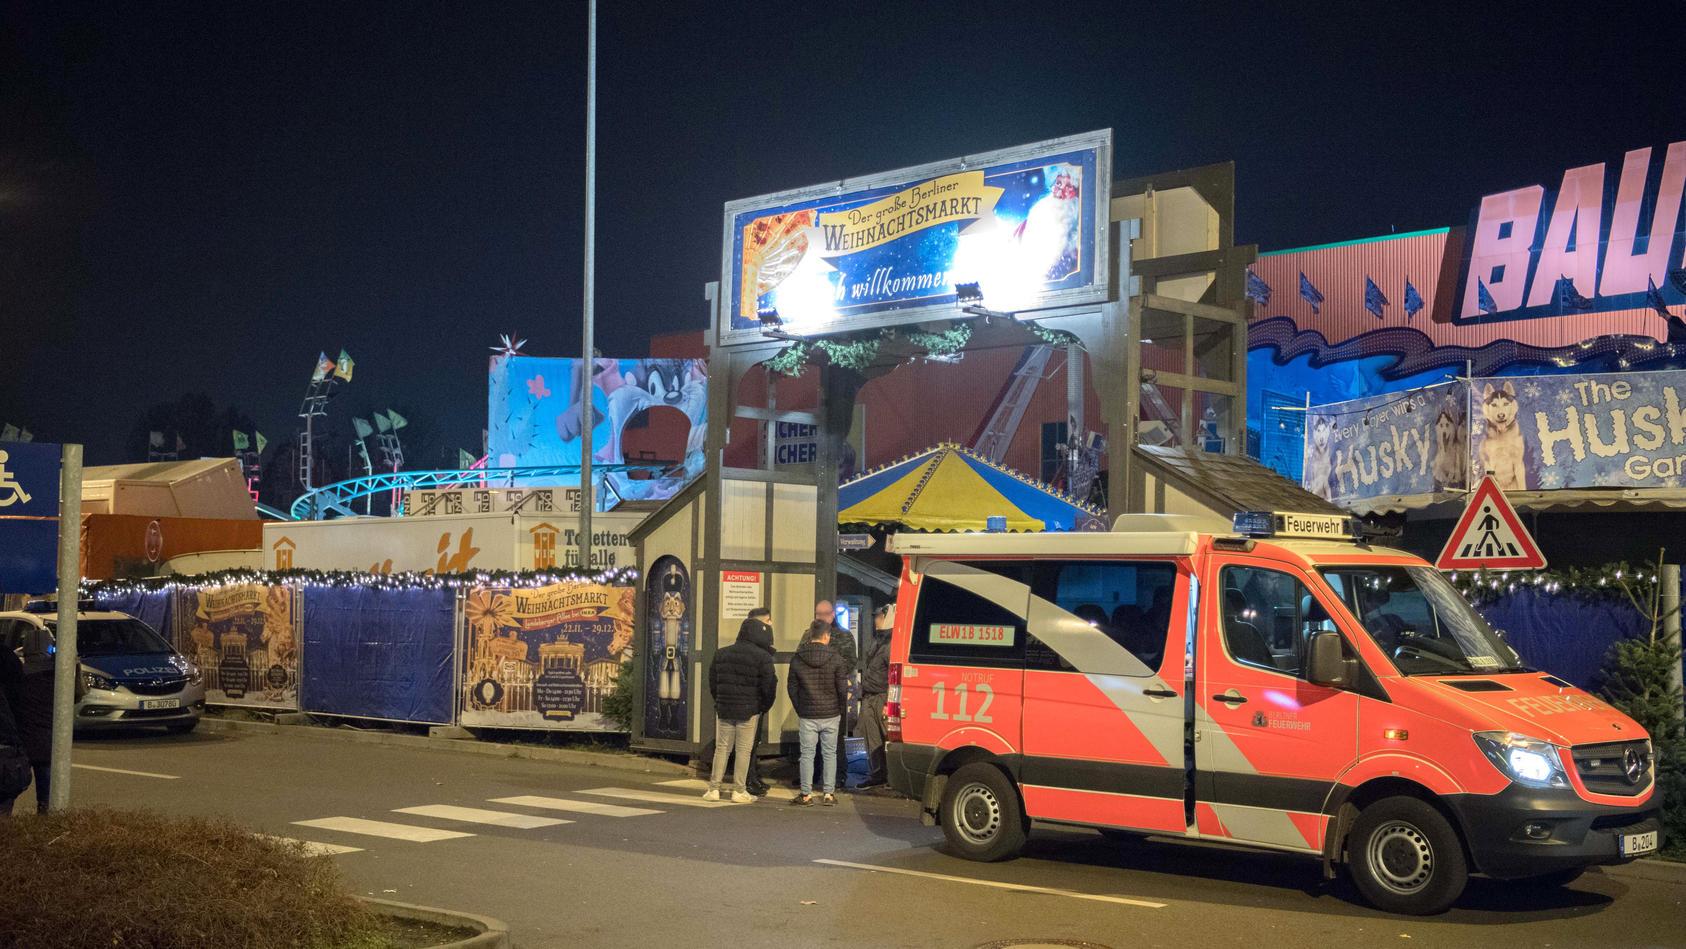 Todesfall auf Weihnachtsmarkt in Berlin